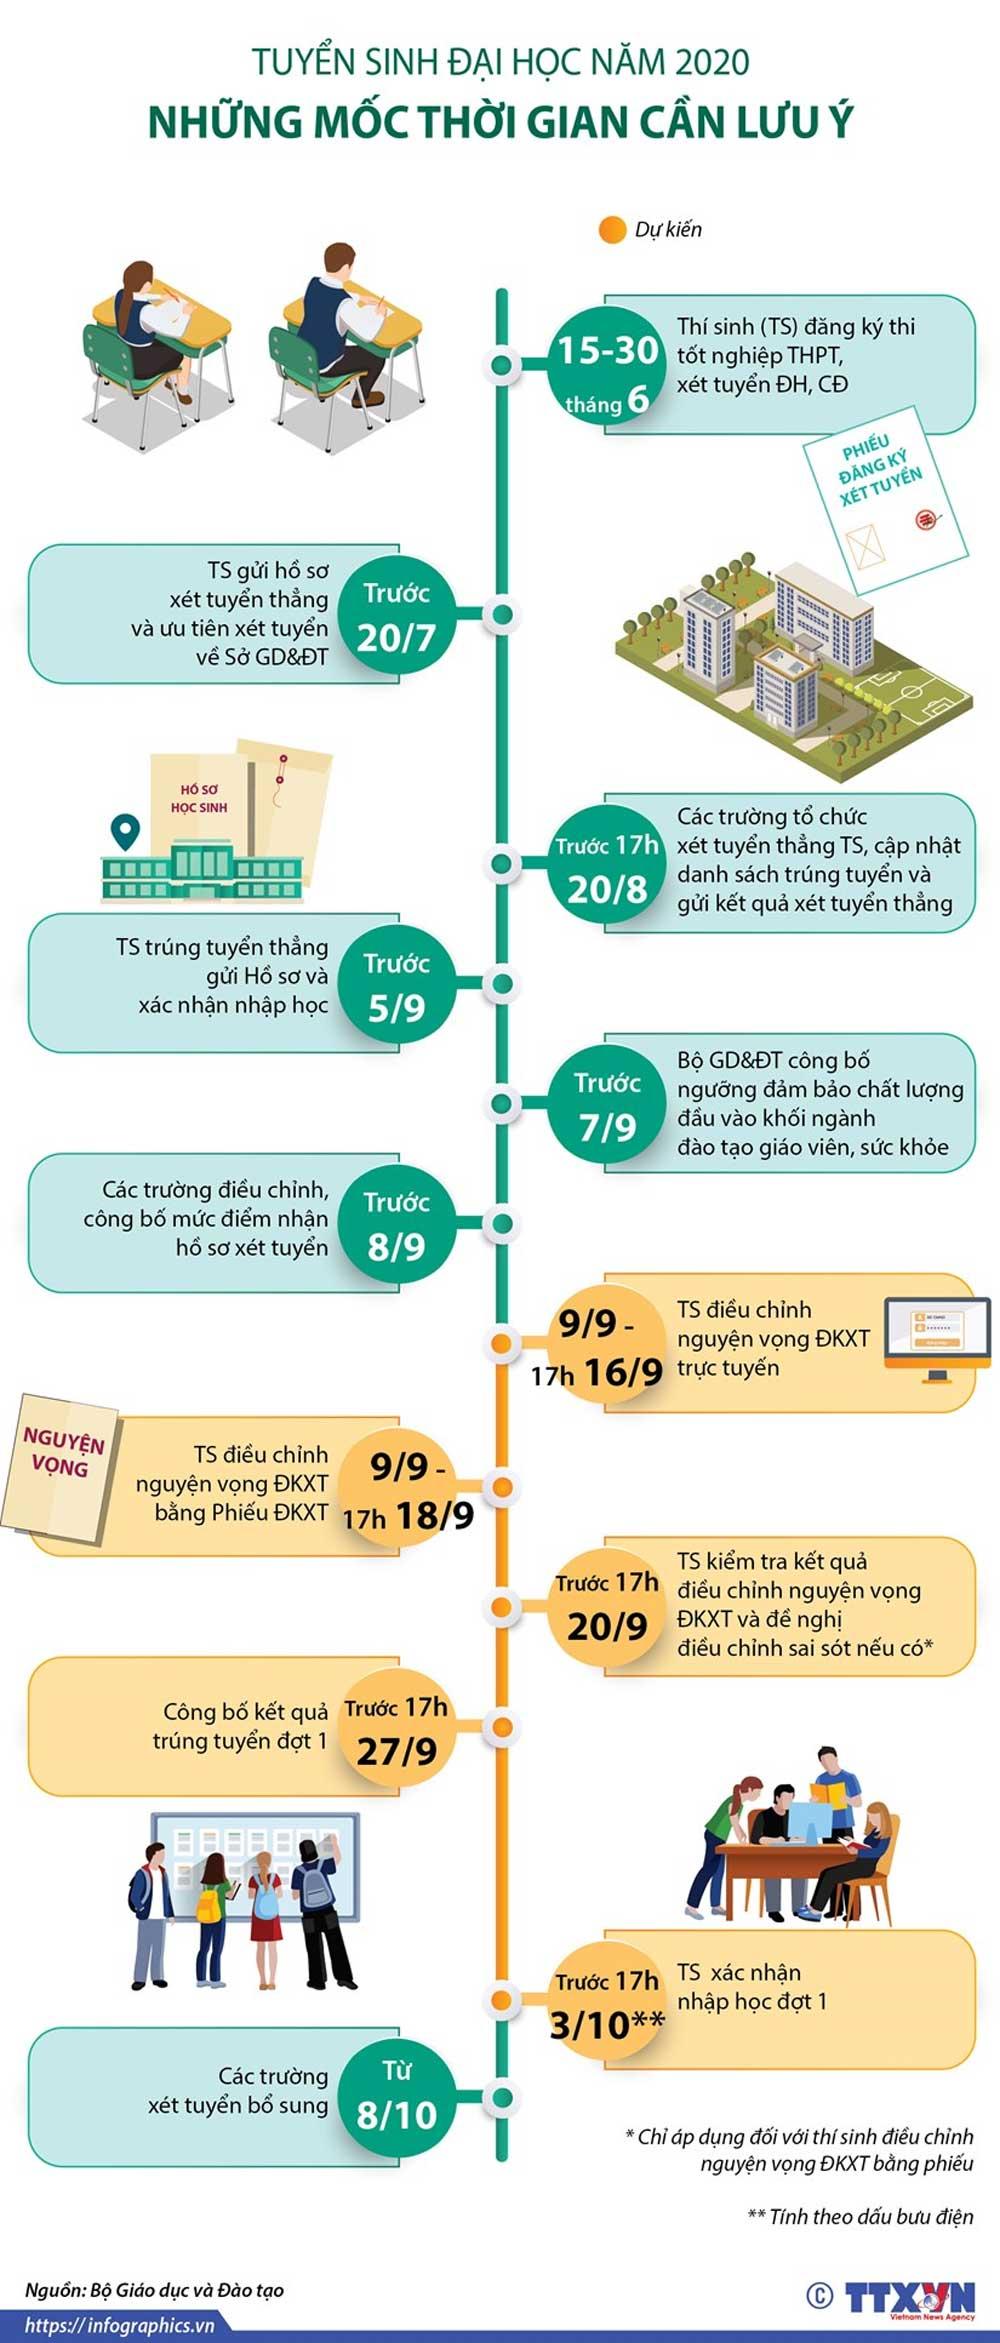 Tuyển sinh Đại học 2020, những mốc thời gian, cần lưu ý, hướng dẫn tuyển sinh,  đại học, cao đẳng, ngành giáo dục mầm non